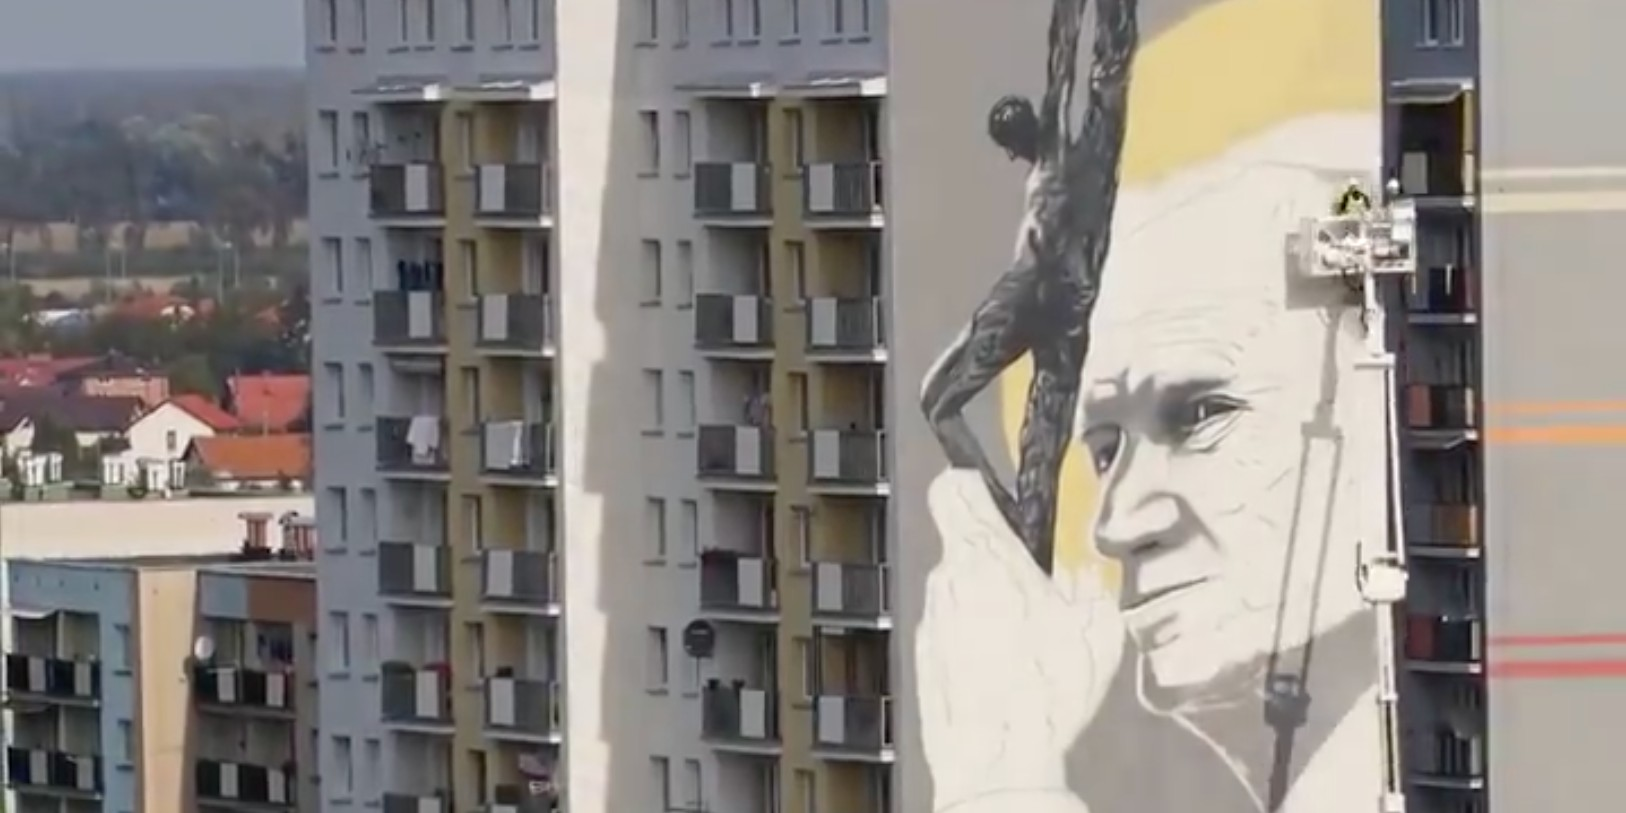 Pologne : un street-artist peint une fresque de Jean Paul II haute de 30 mètres